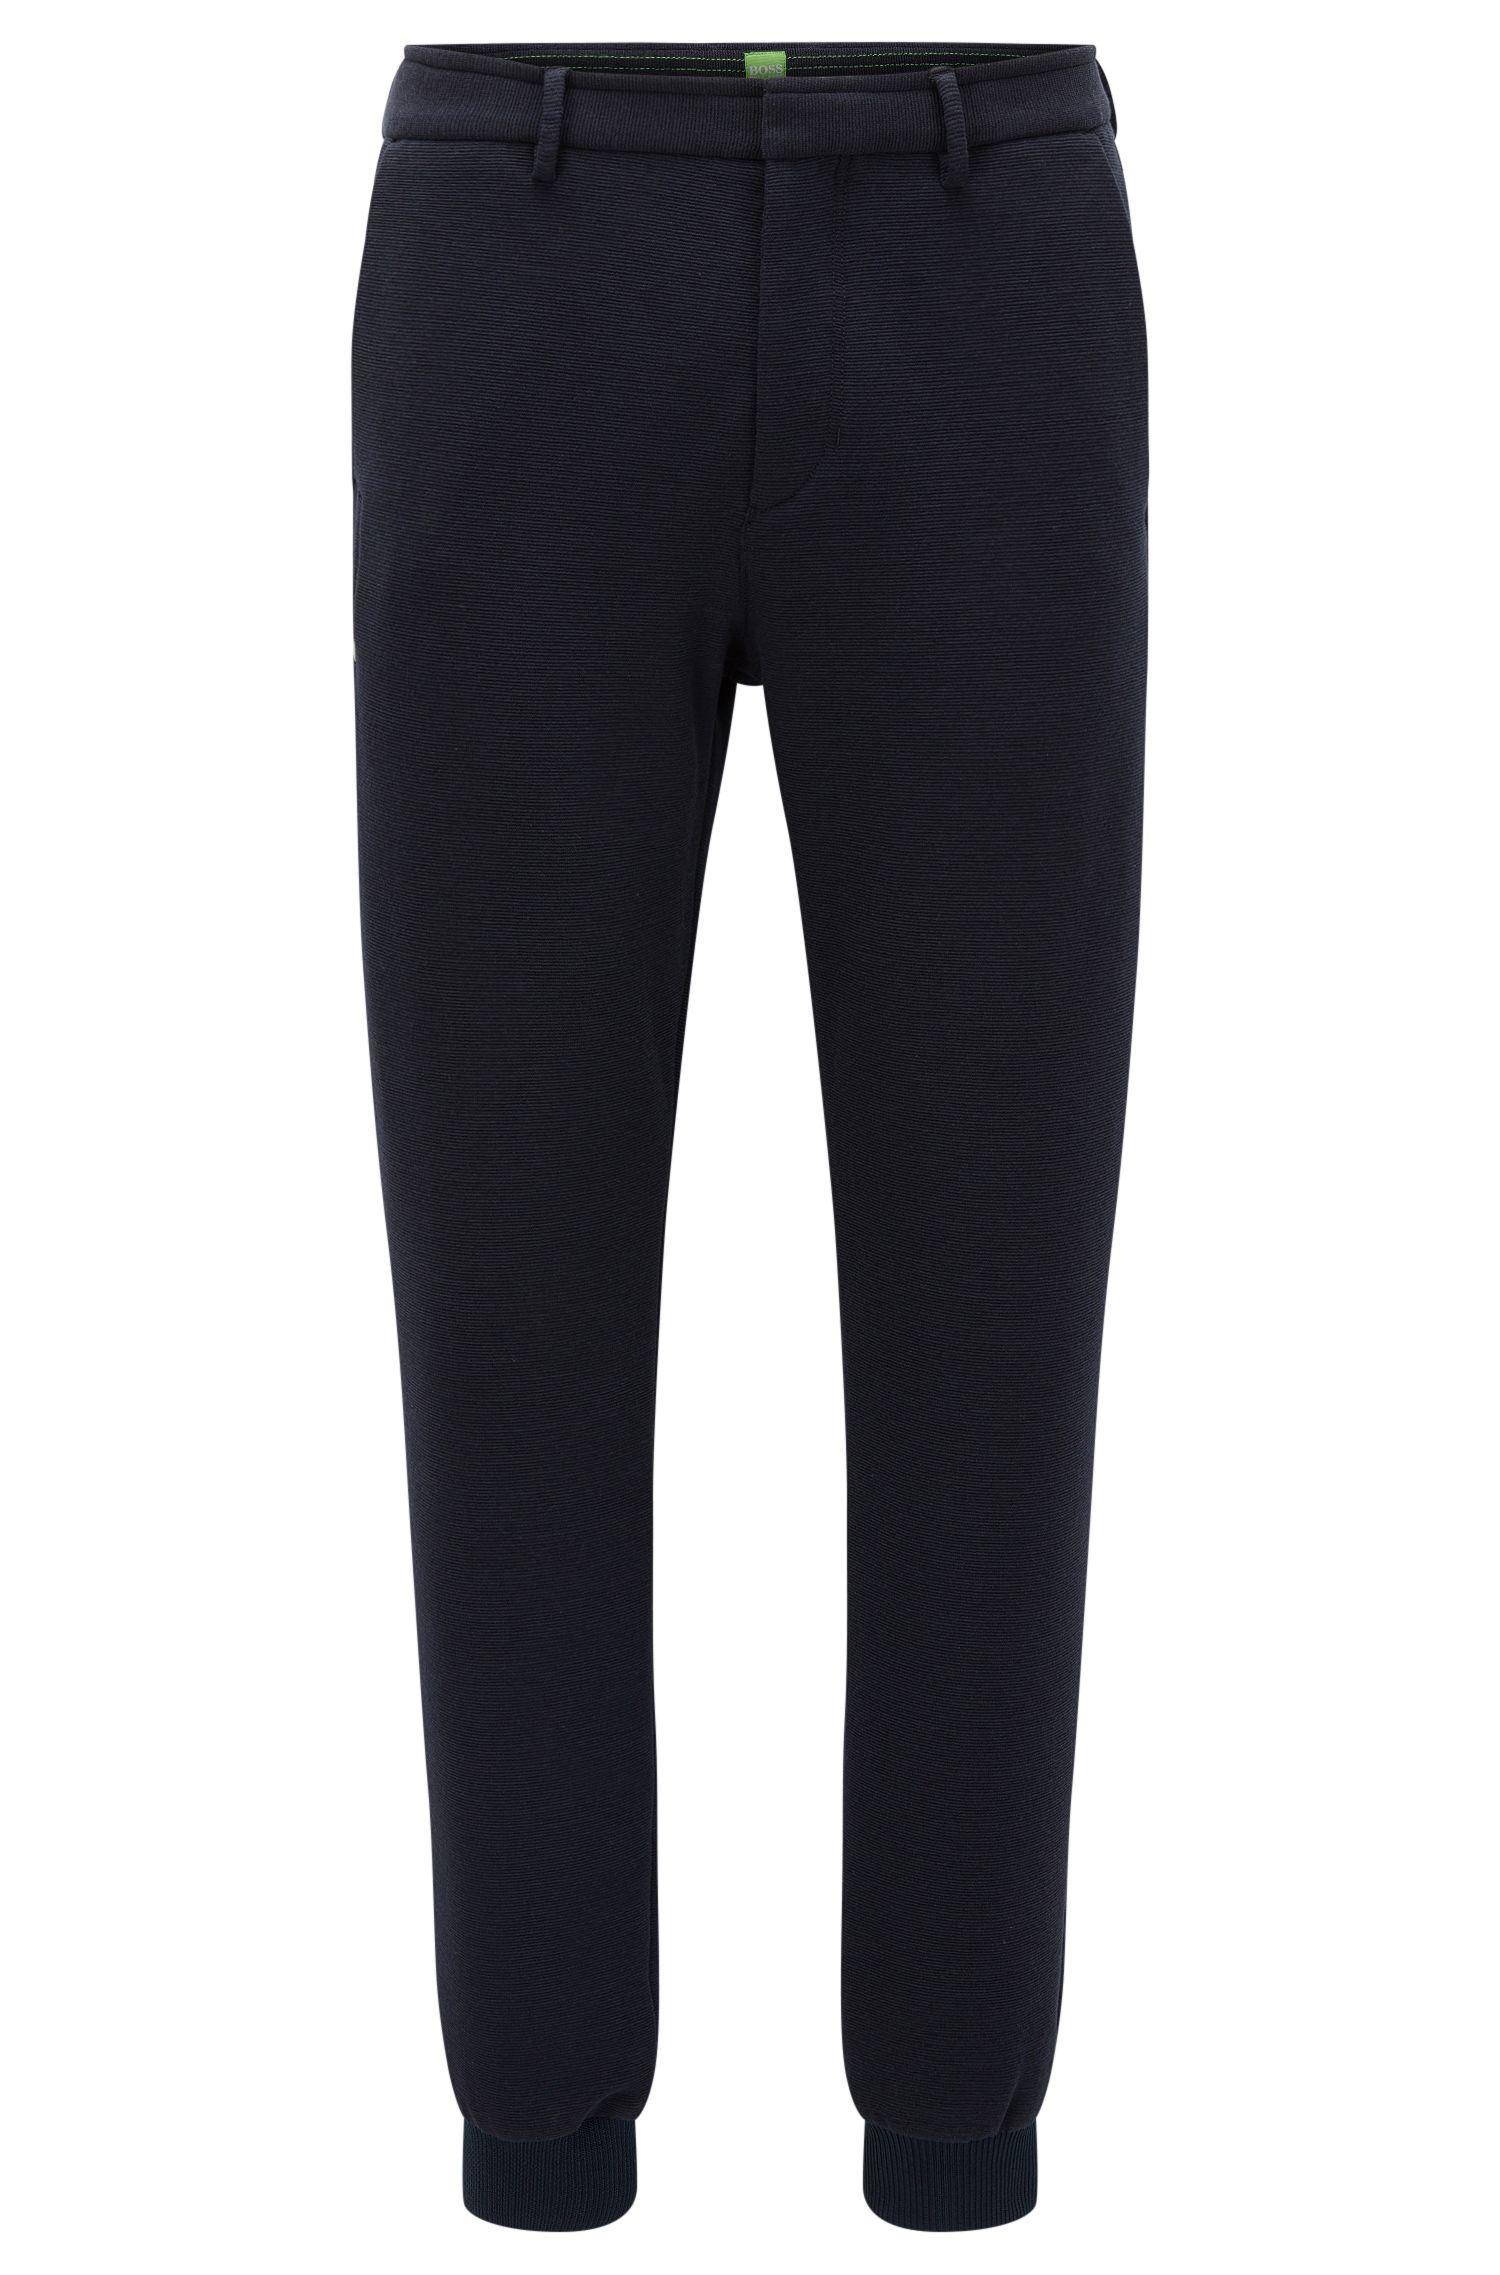 Pantalon Slim Fit en jersey italien structuré